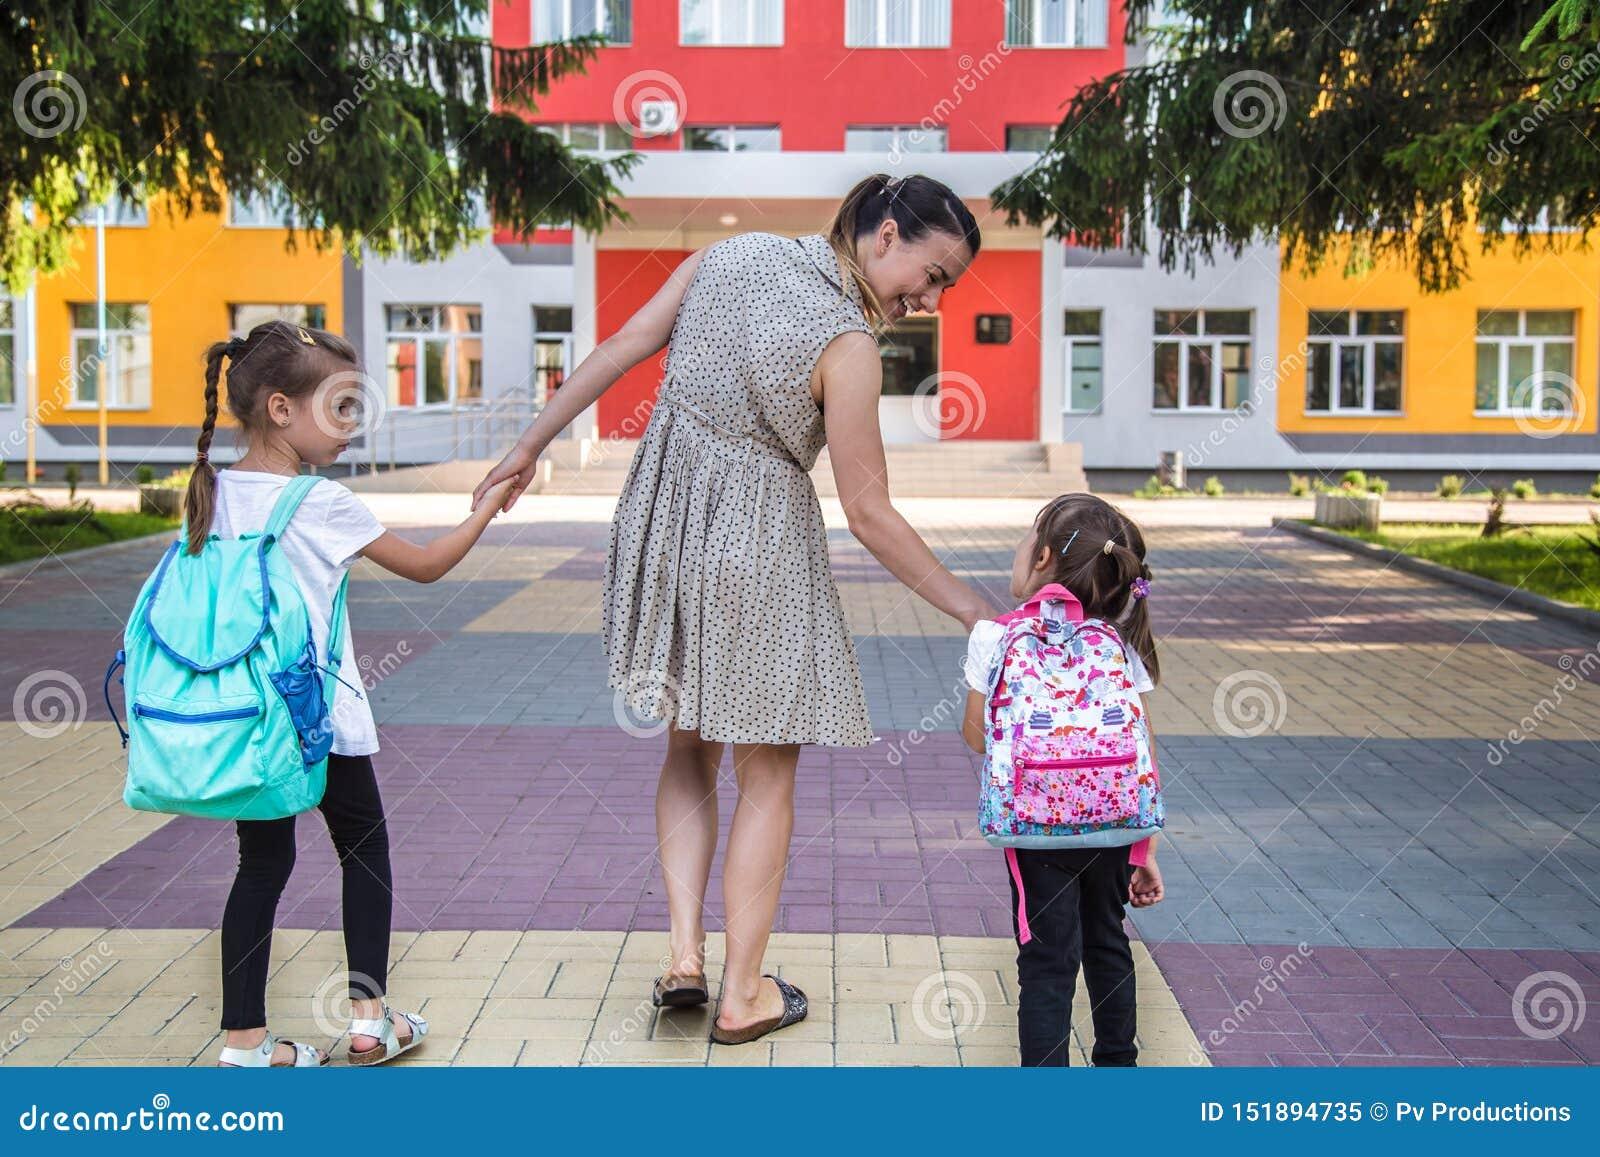 Πίσω στην έννοια σχολικής εκπαίδευσης με τα παιδιά κοριτσιών, στοιχειώδεις σπουδαστές, φέρνοντας σακίδια πλάτης που πηγαίνουν στη